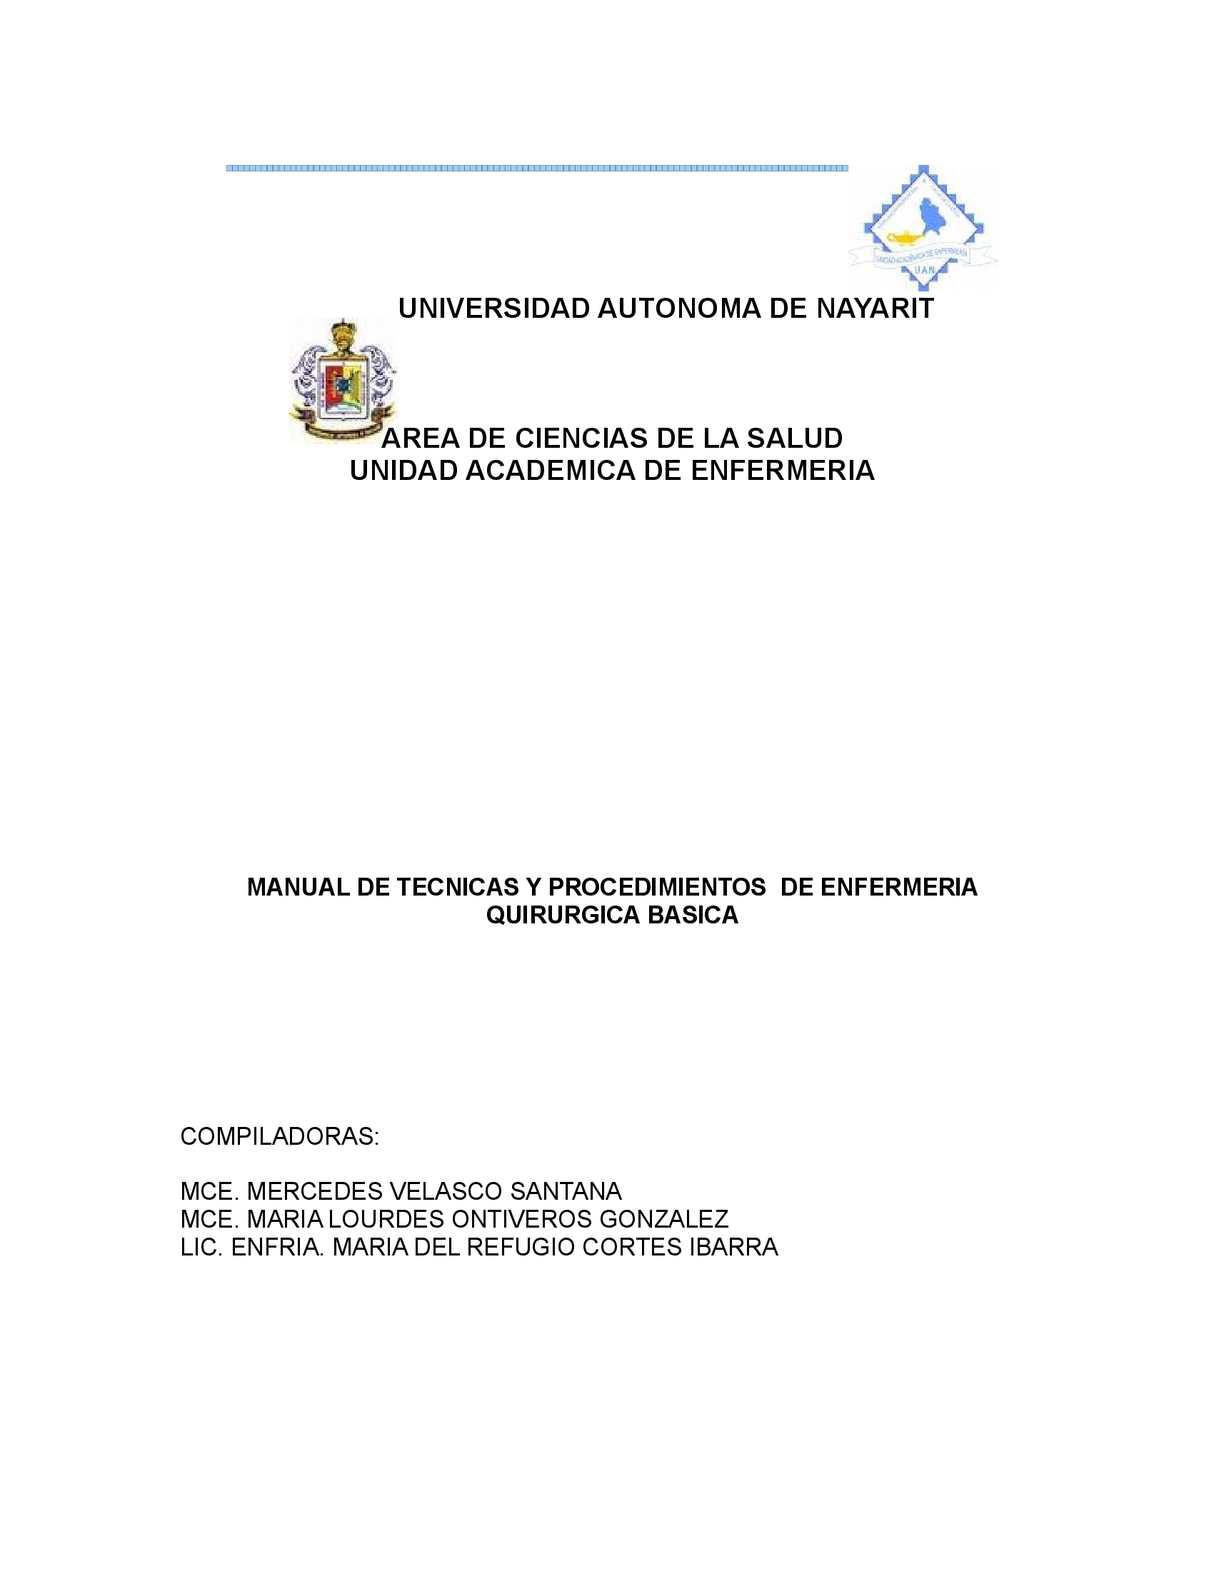 Circuito Quirurgico : Calaméo manual de tecnicas y procedimientos de enfermeria